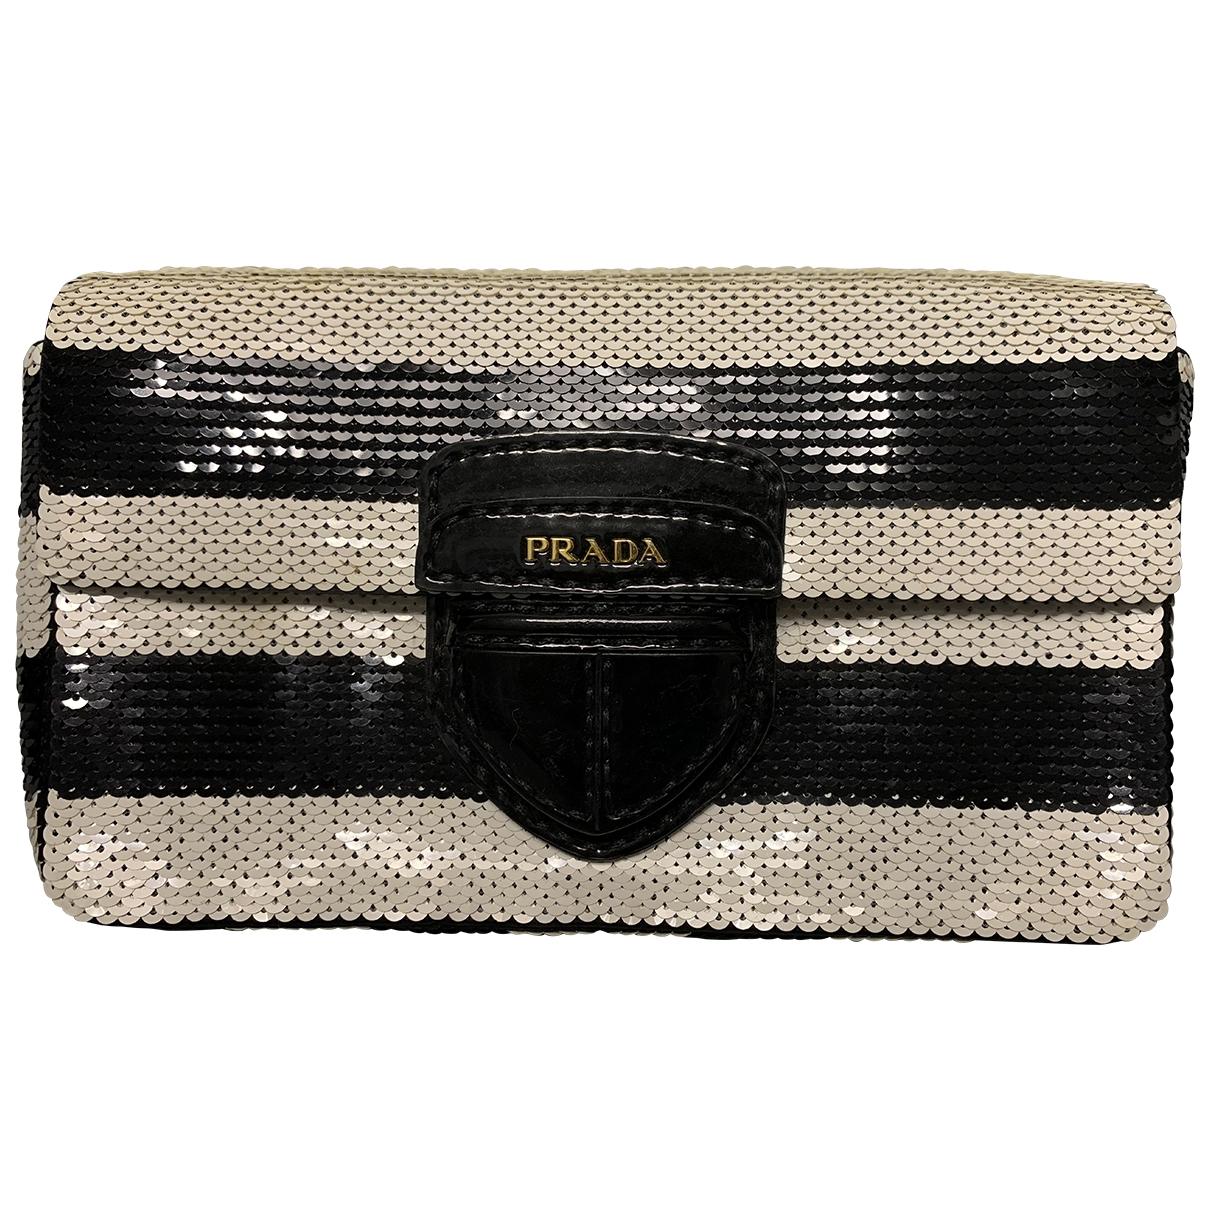 Prada \N Black Glitter Clutch bag for Women \N